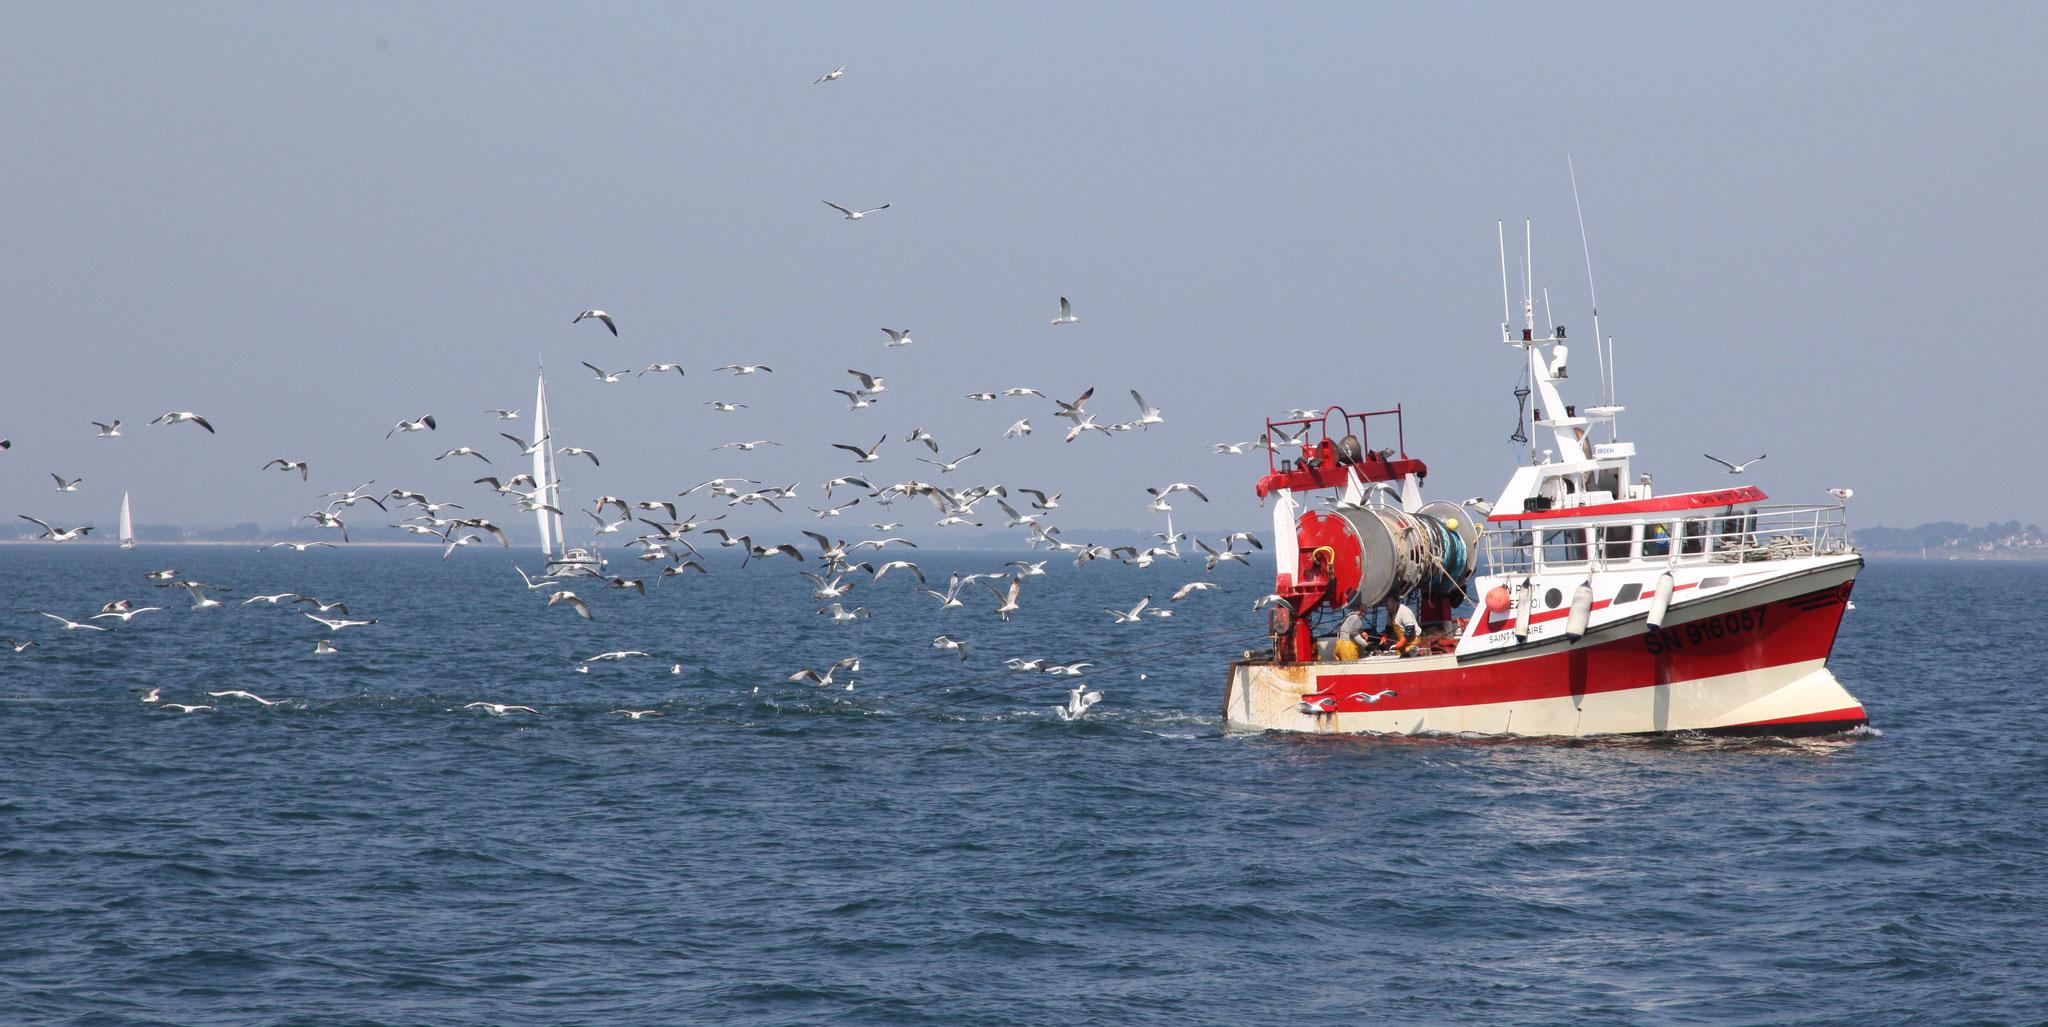 Die Fischerei ernährt in der Bretagne noch immer zahlreiche Familien